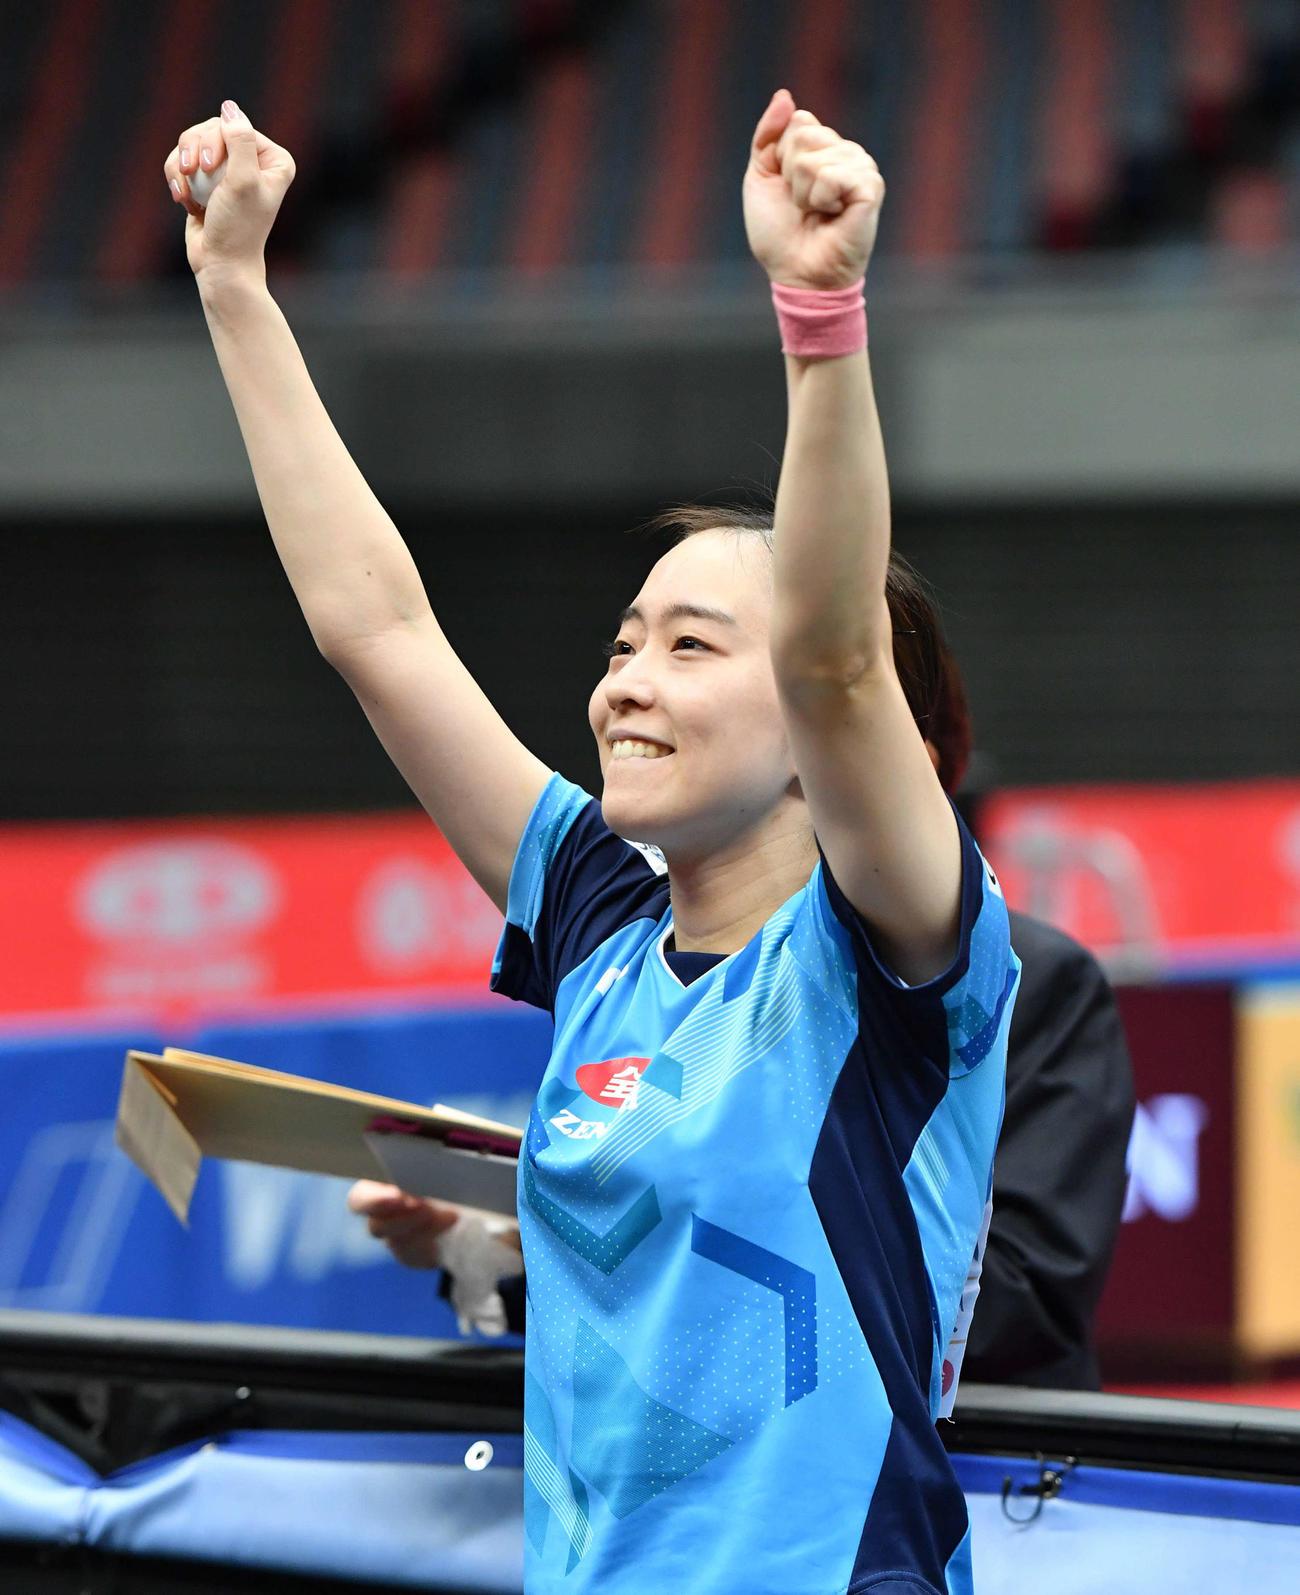 全日本卓球選手権 女子シングルスで優勝しガッツポーズする石川佳純(撮影・岩下翔太)